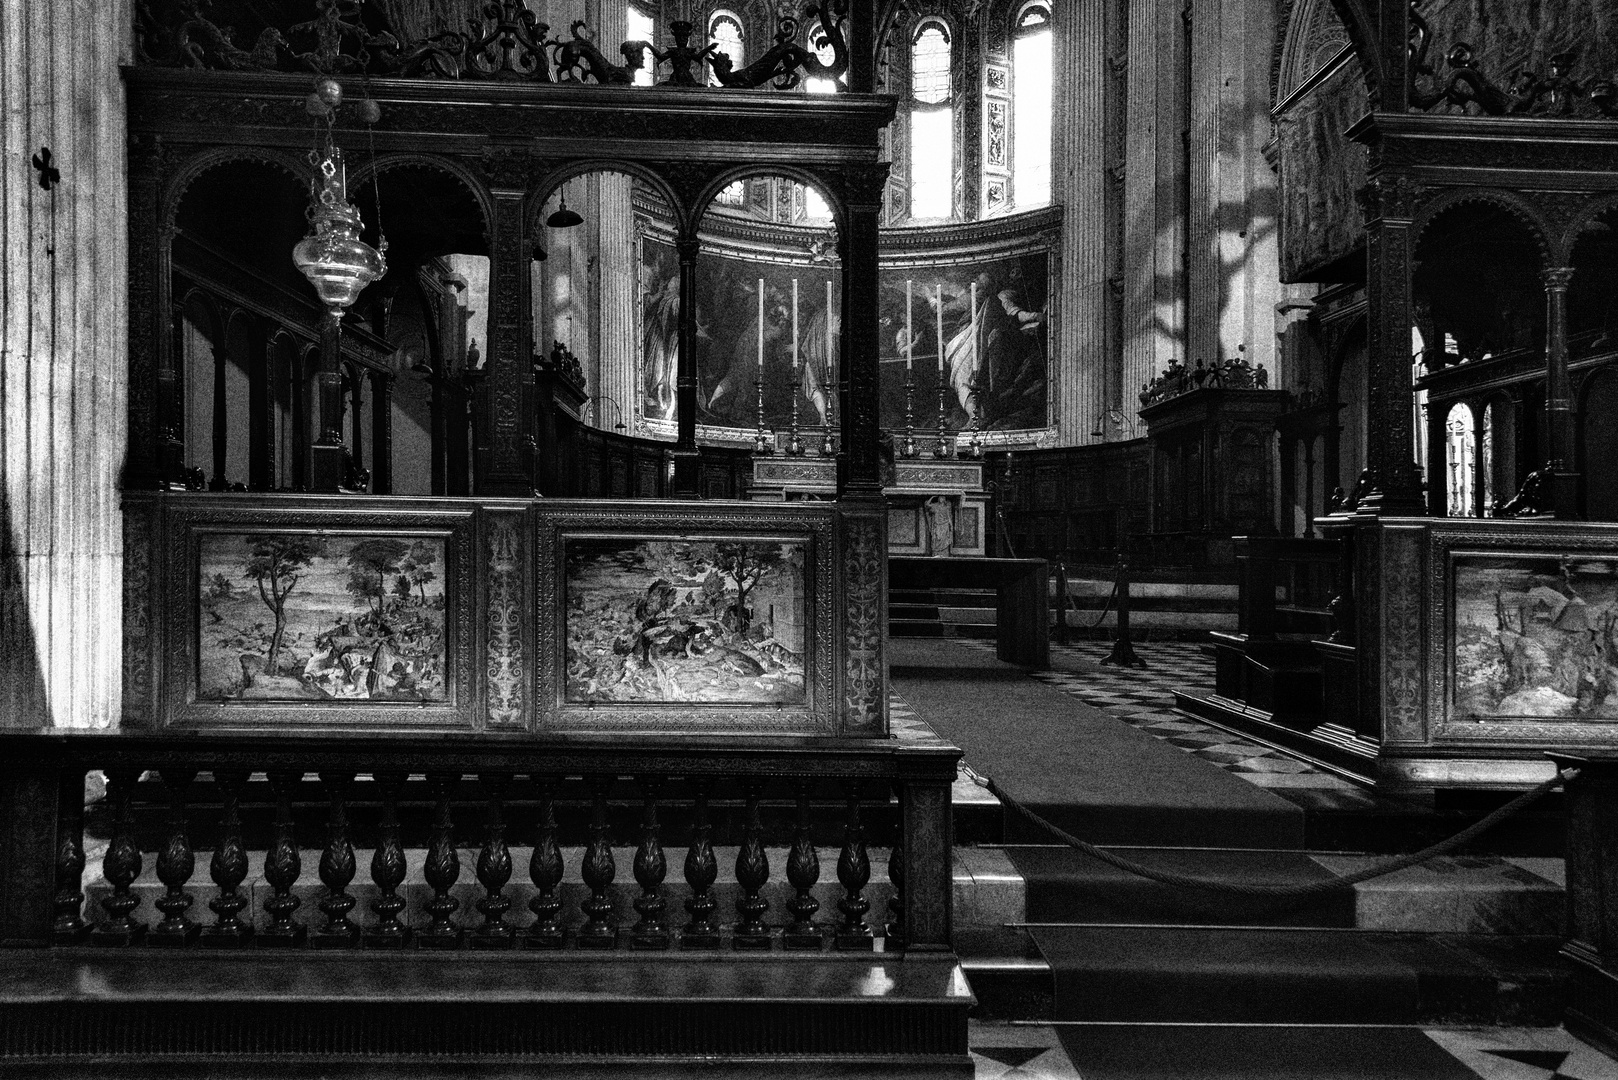 Chiesa Santa Maria Maggiore, altare